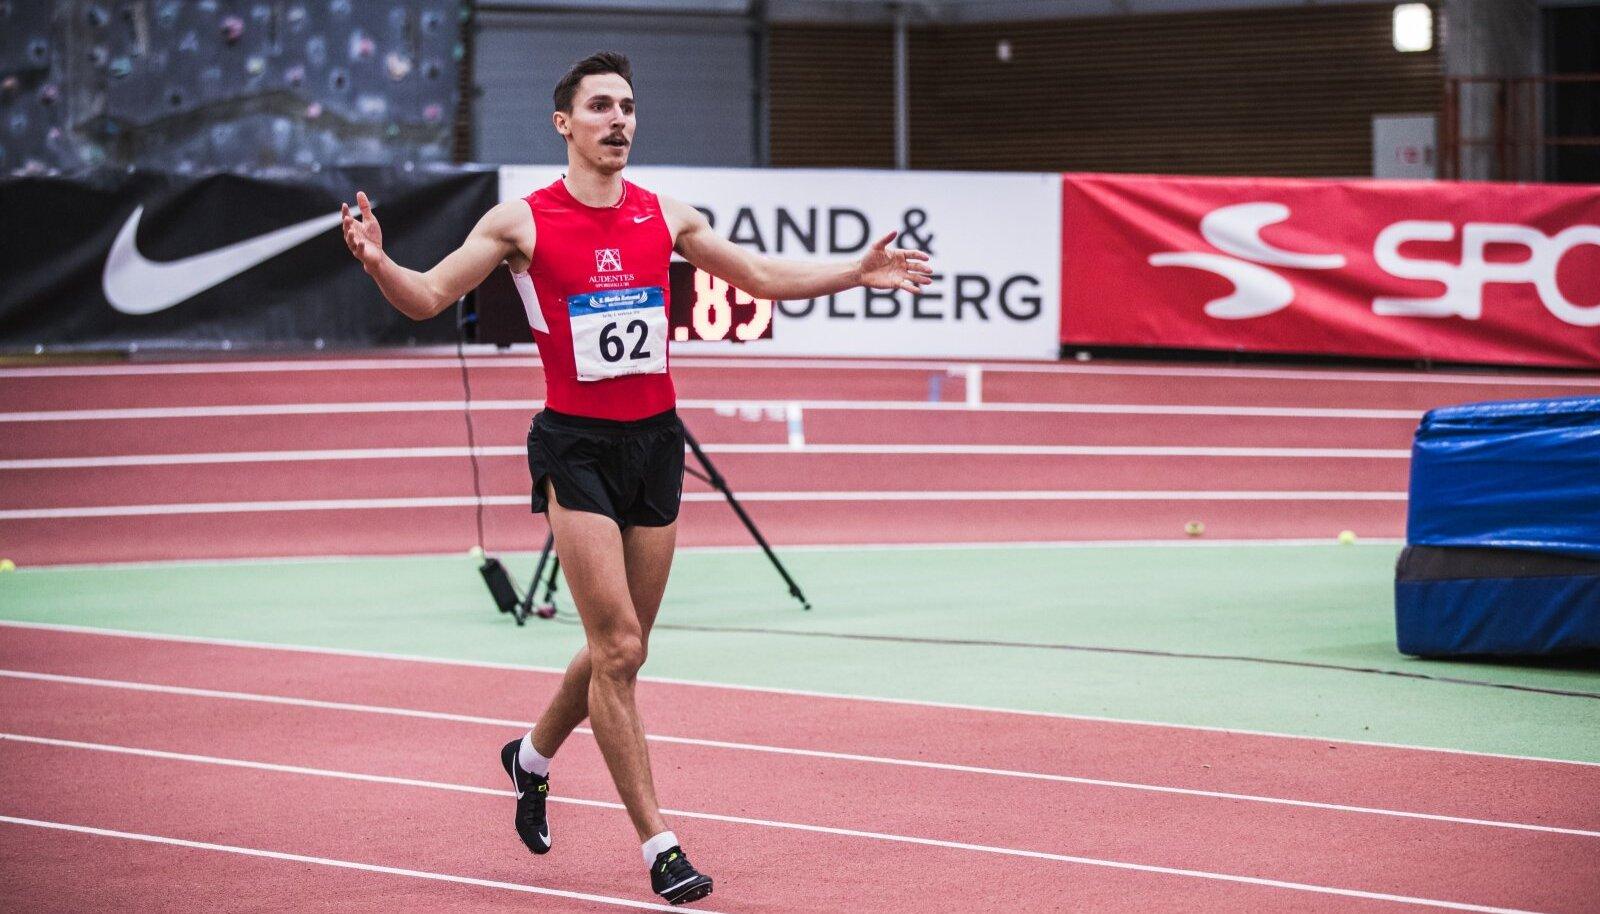 Karl Erik Nazarov